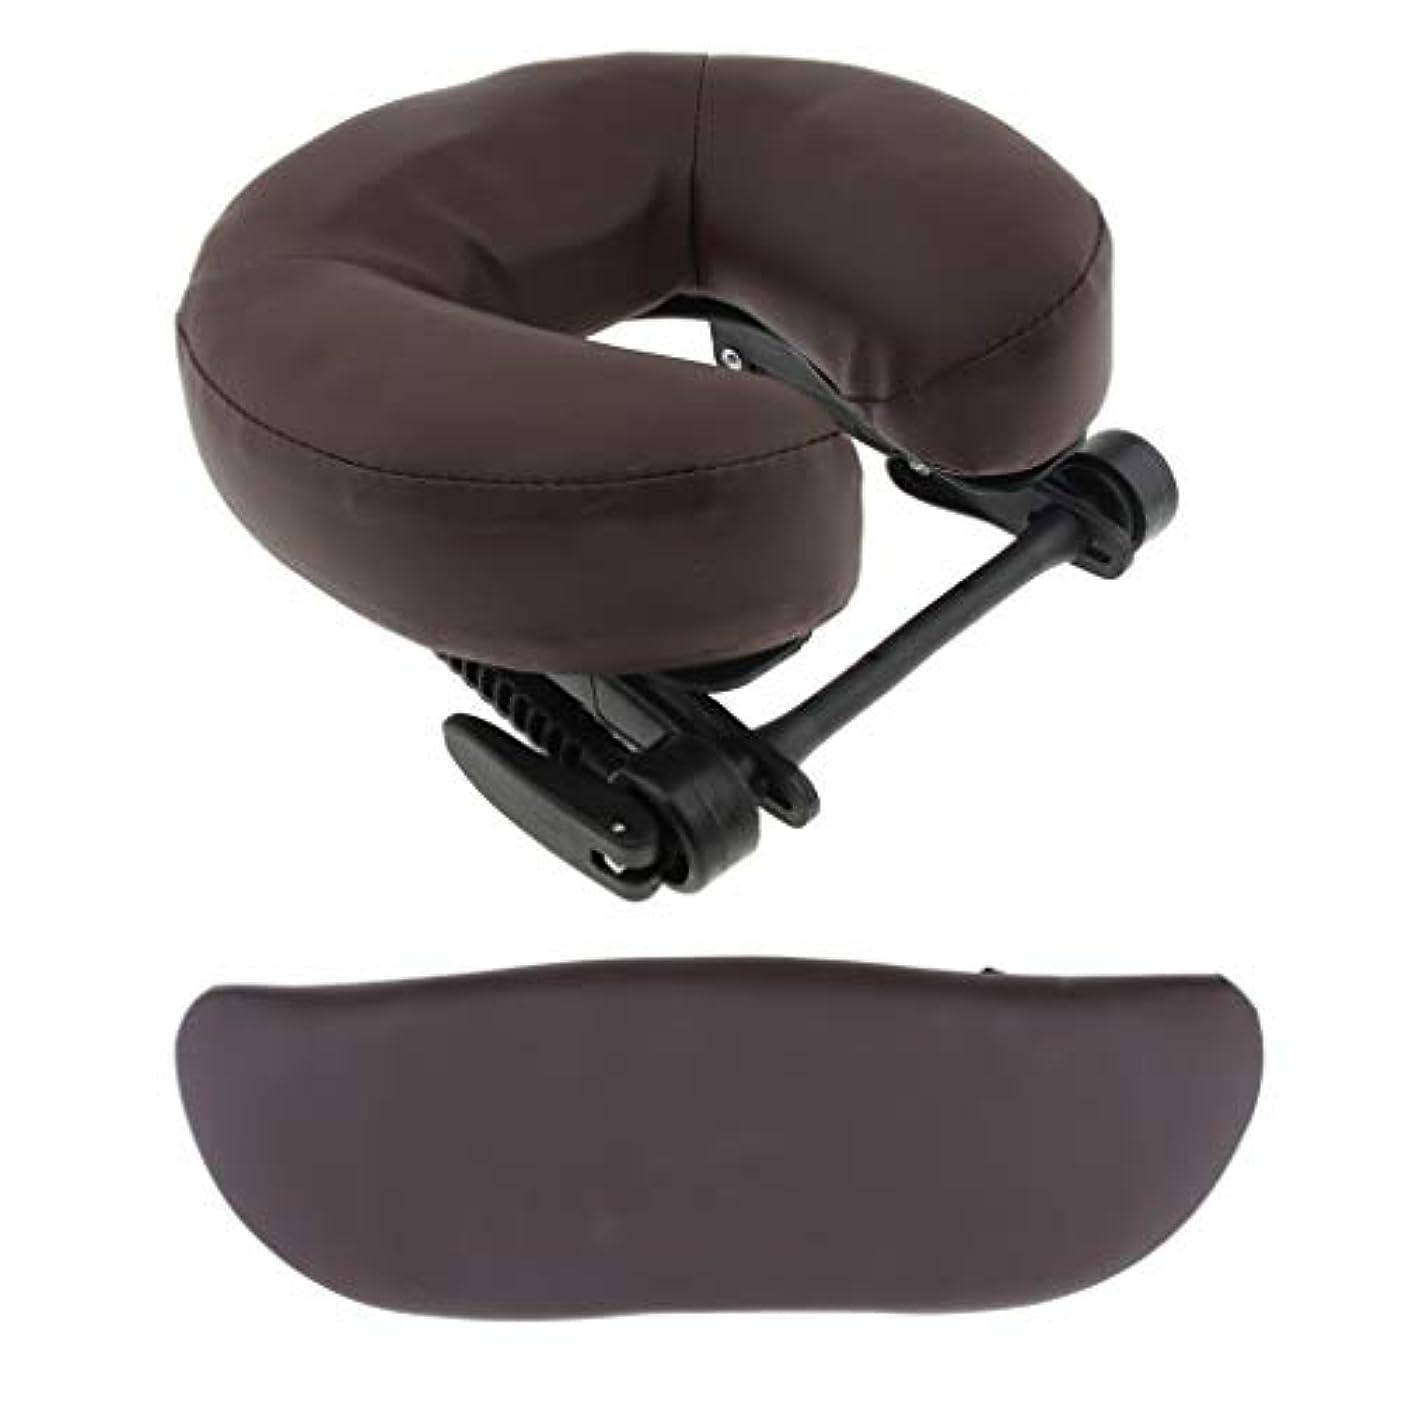 漏れ人に関する限りグローD DOLITY マッサージベッド用 クッション サポートピロー 枕 サロン 3色選べ - 褐色